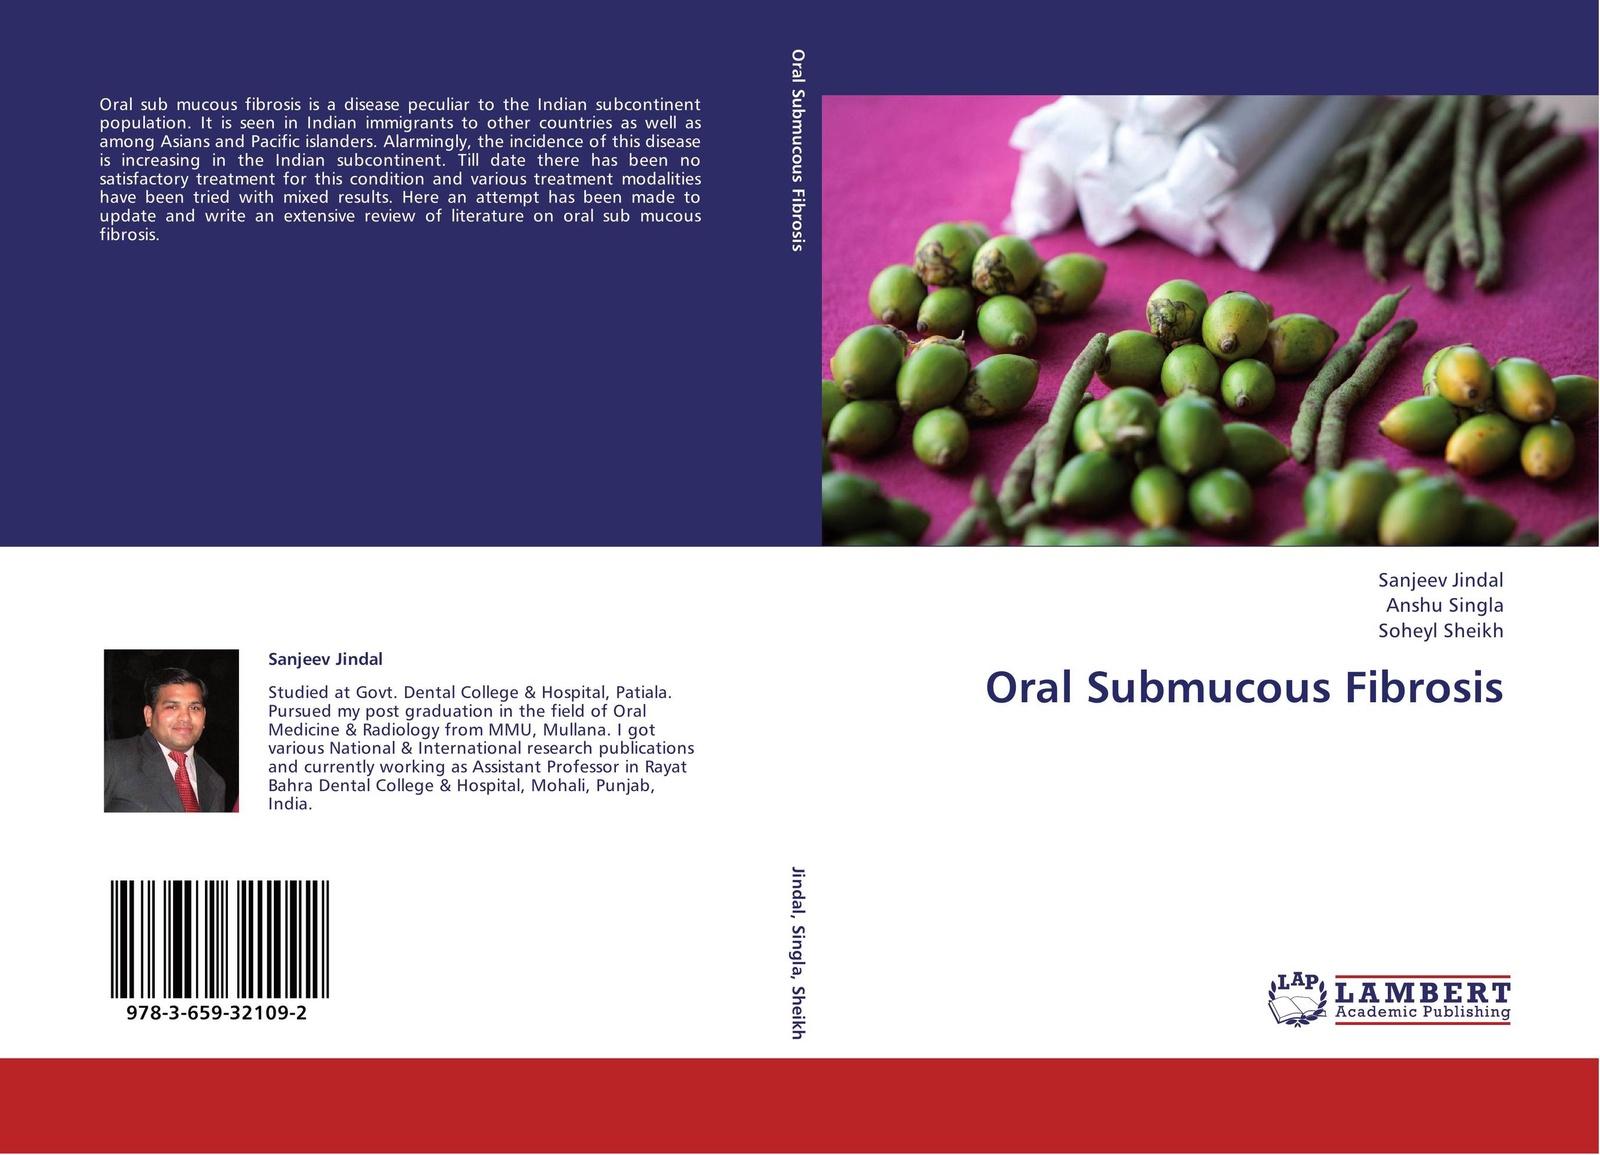 Sanjeev Jindal,Anshu Singla and Soheyl Sheikh Oral Submucous Fibrosis oral submucous fibrosis an update